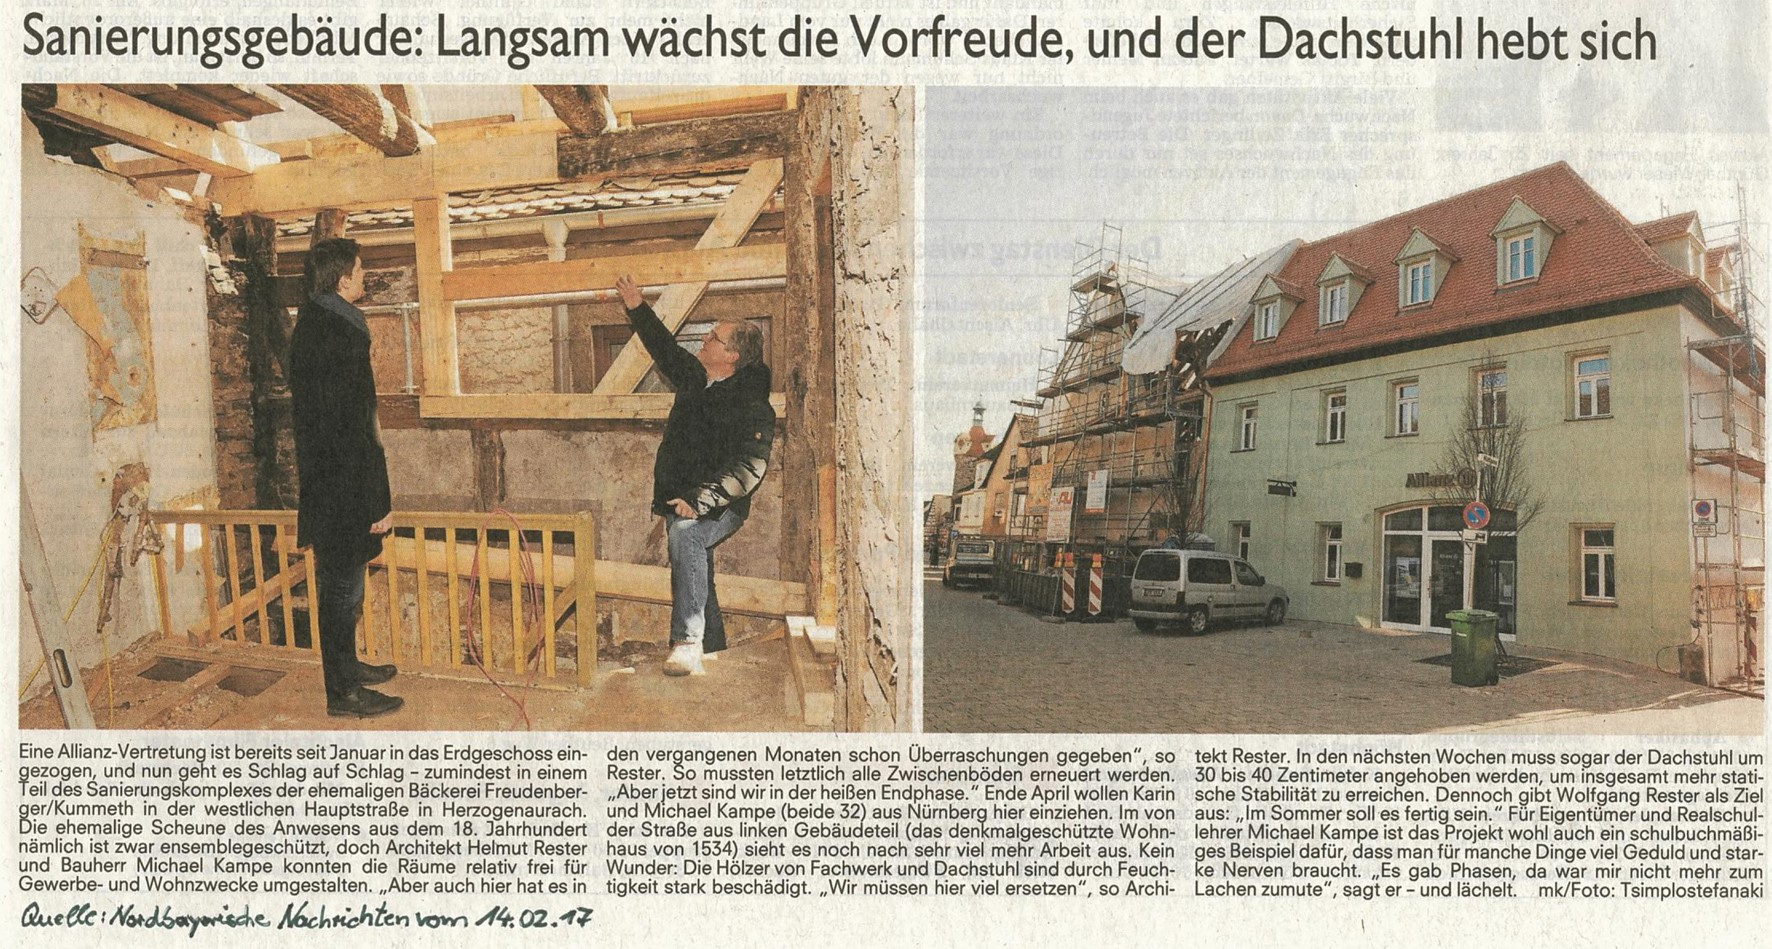 Zeitungsartikel Sanierungsgebäude Langsam wächst die Vorfreude, und der Dachstuhl hebt sich